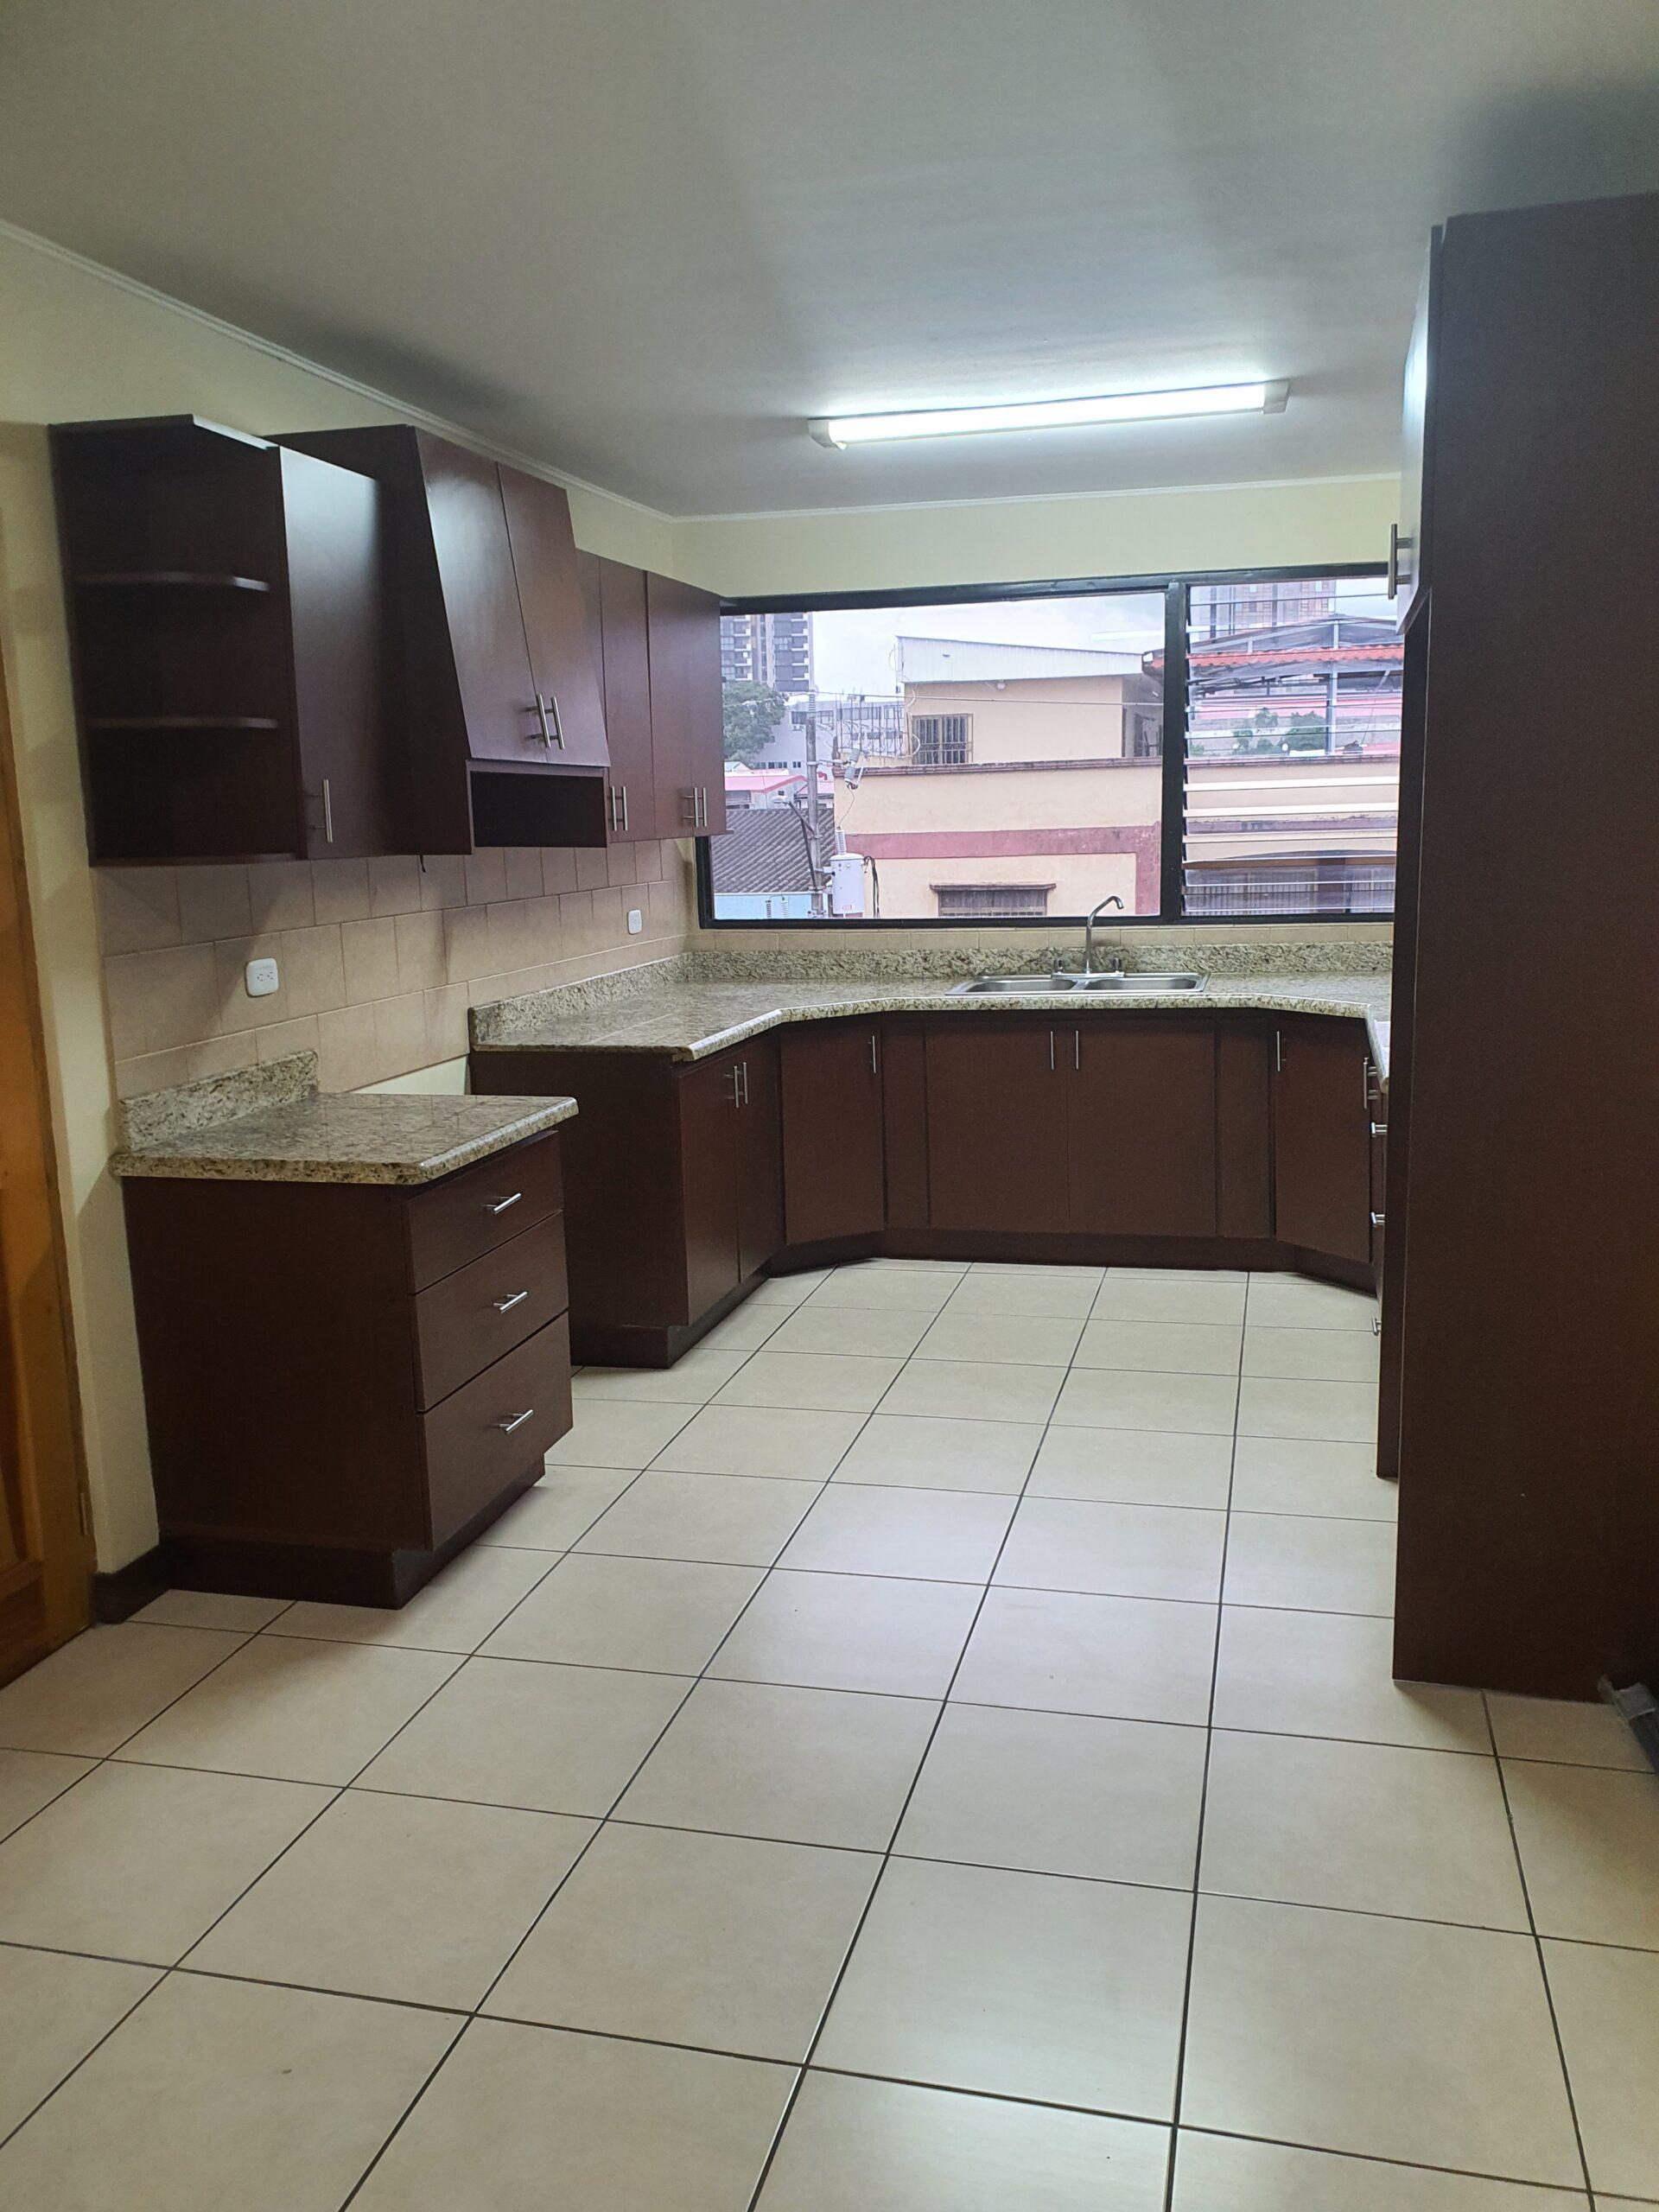 Alquiler de apartamento de 3 habitaciones en curridabat